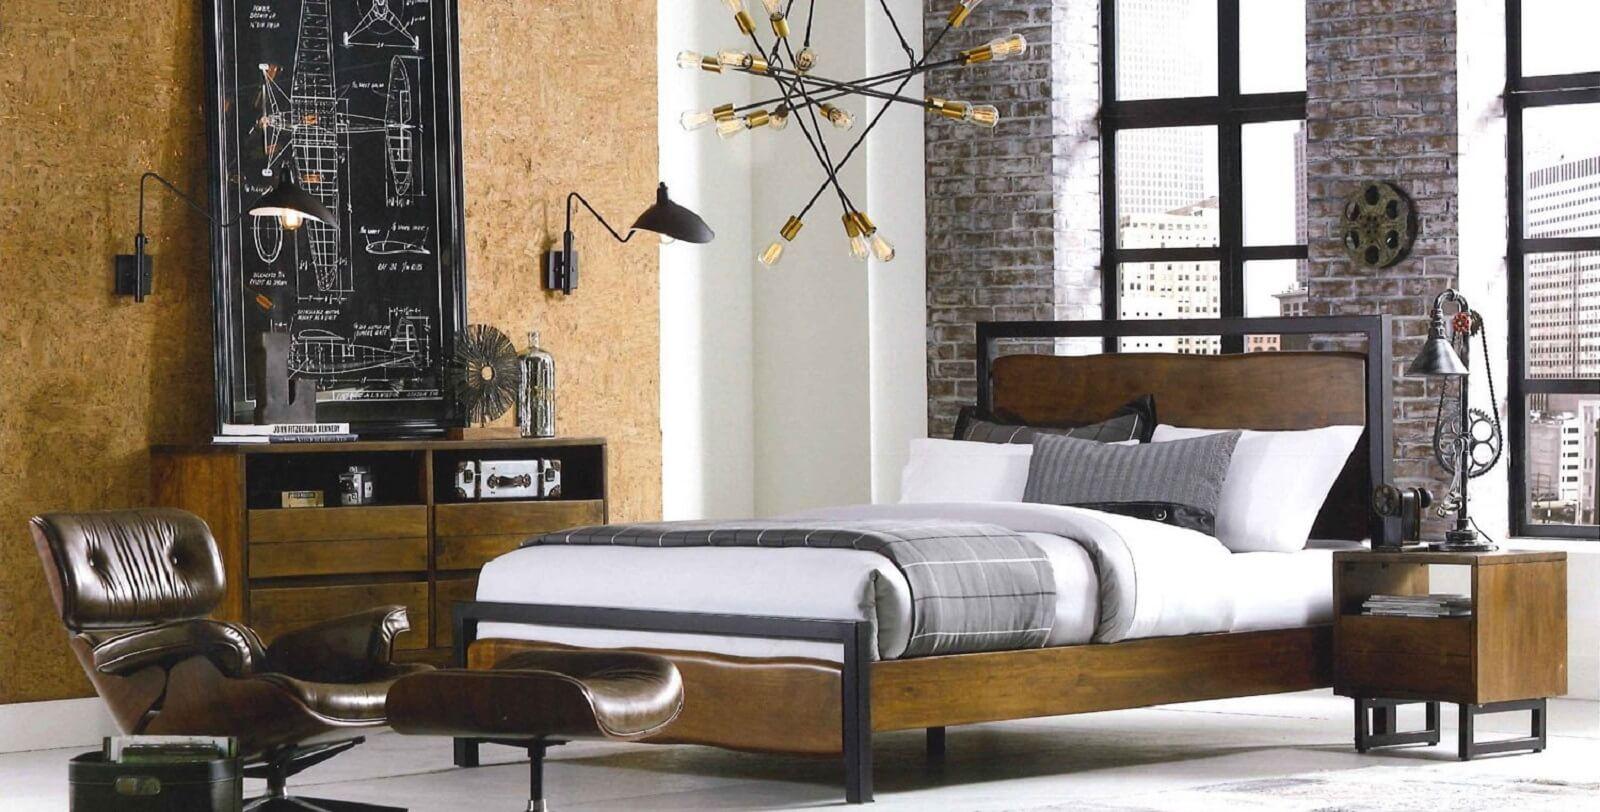 Industrial Loft Bedroom Furniture. Shop Now